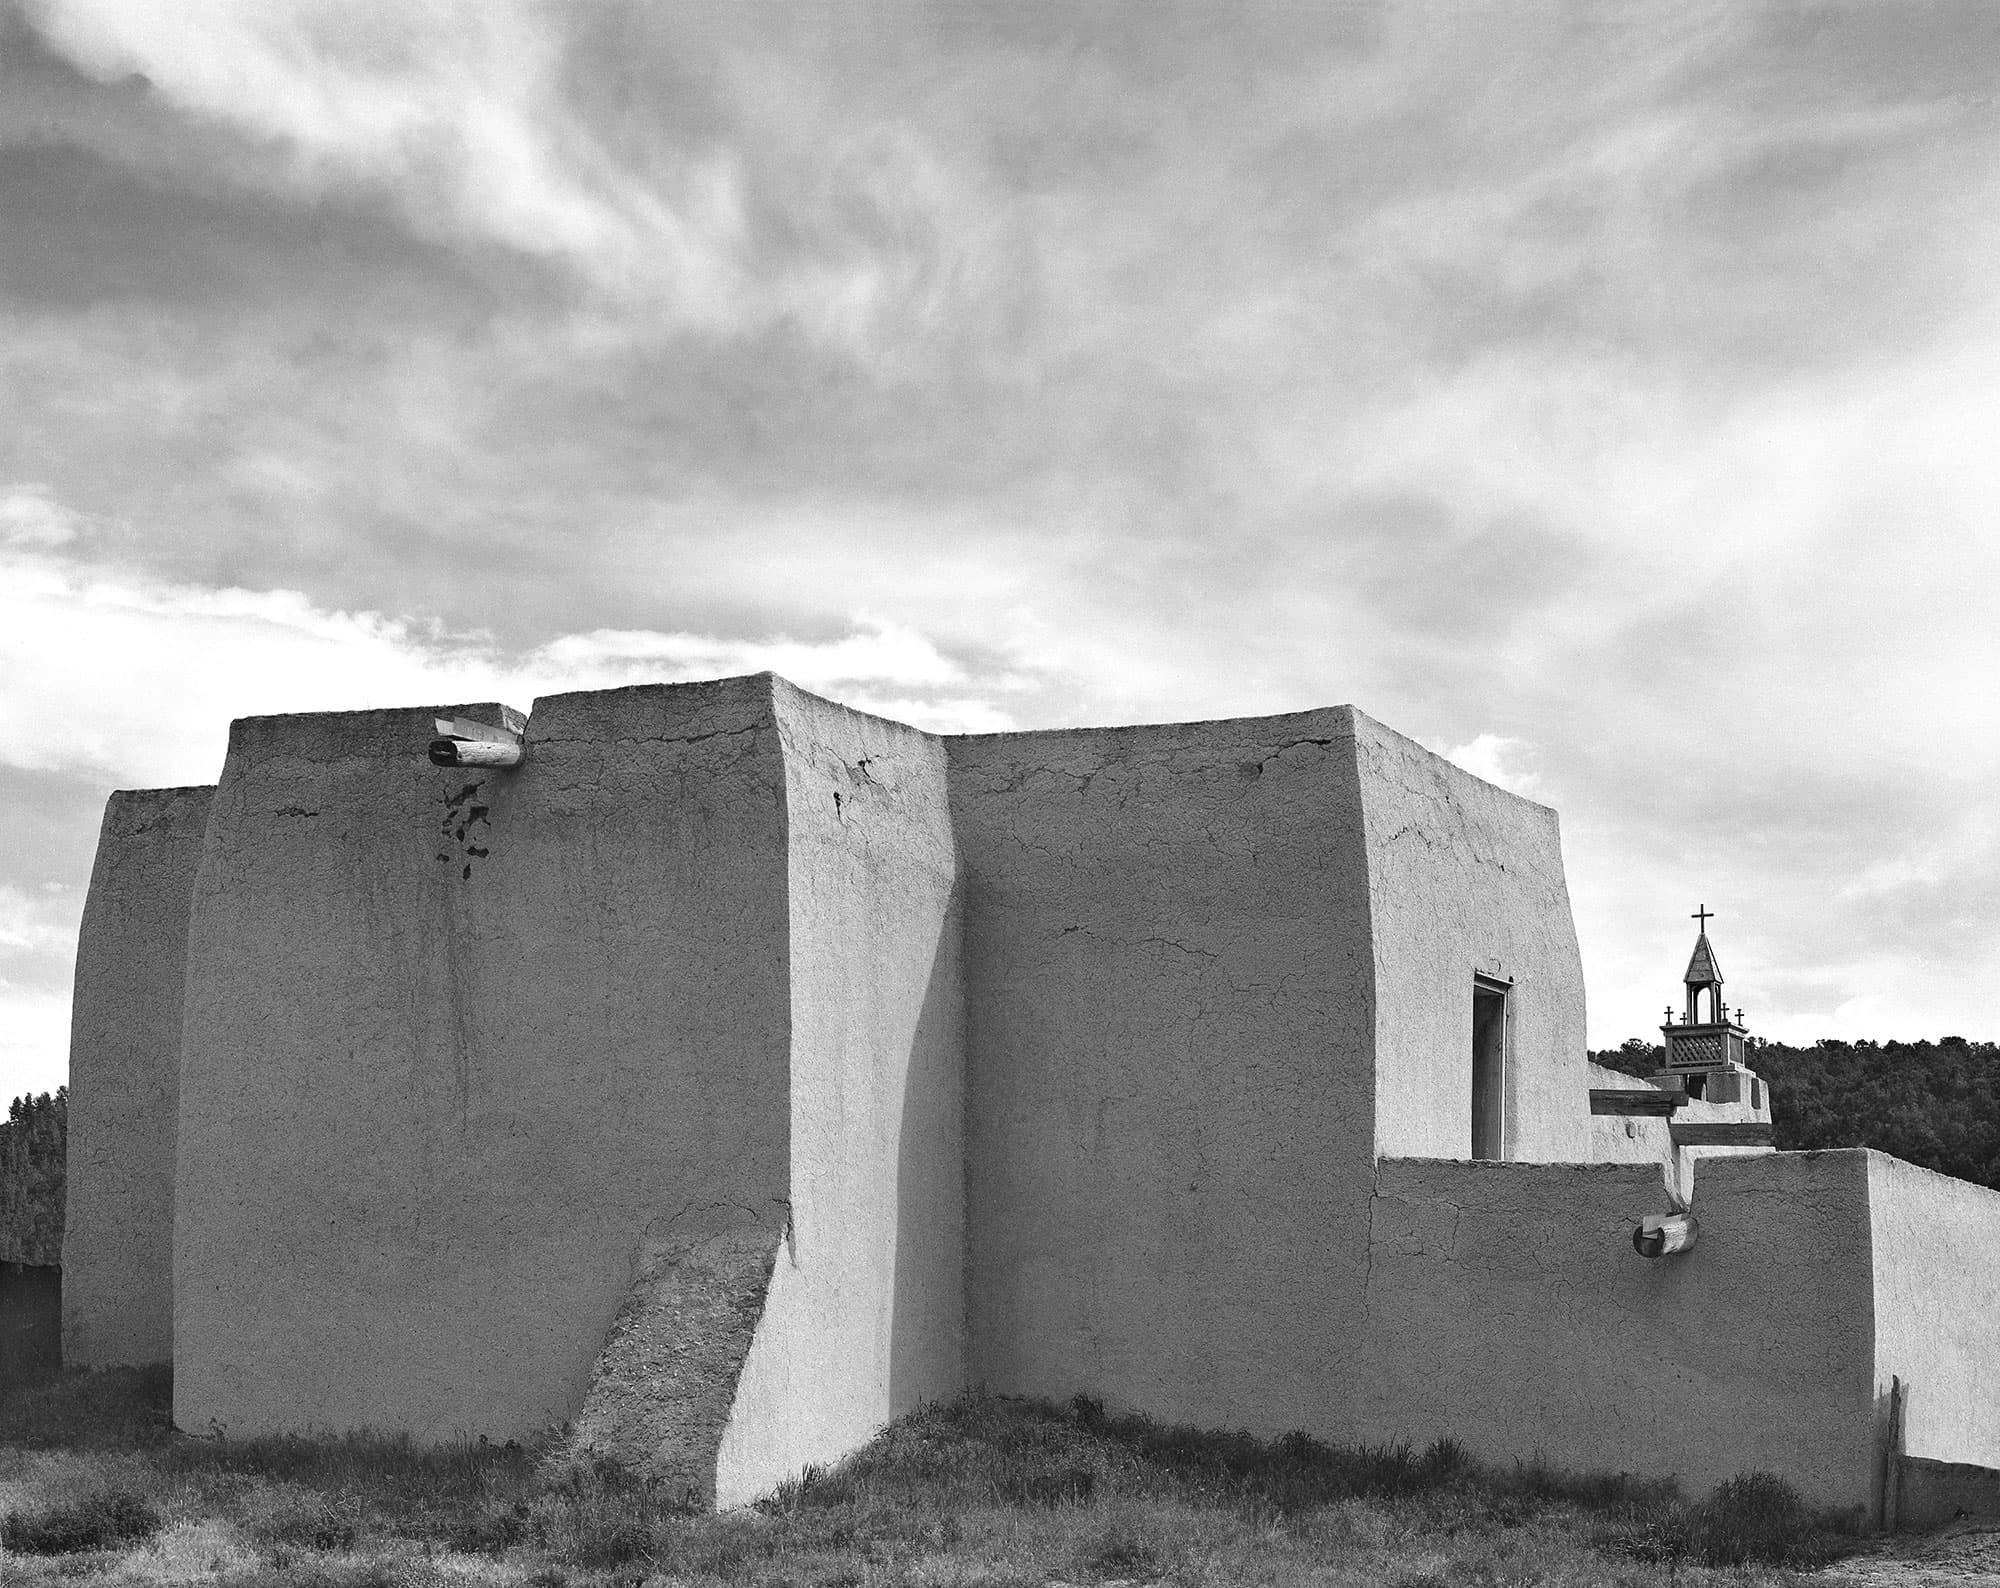 arthur-lazar-San-Jose-de-Gracia-Las-Trampas-NM-1972